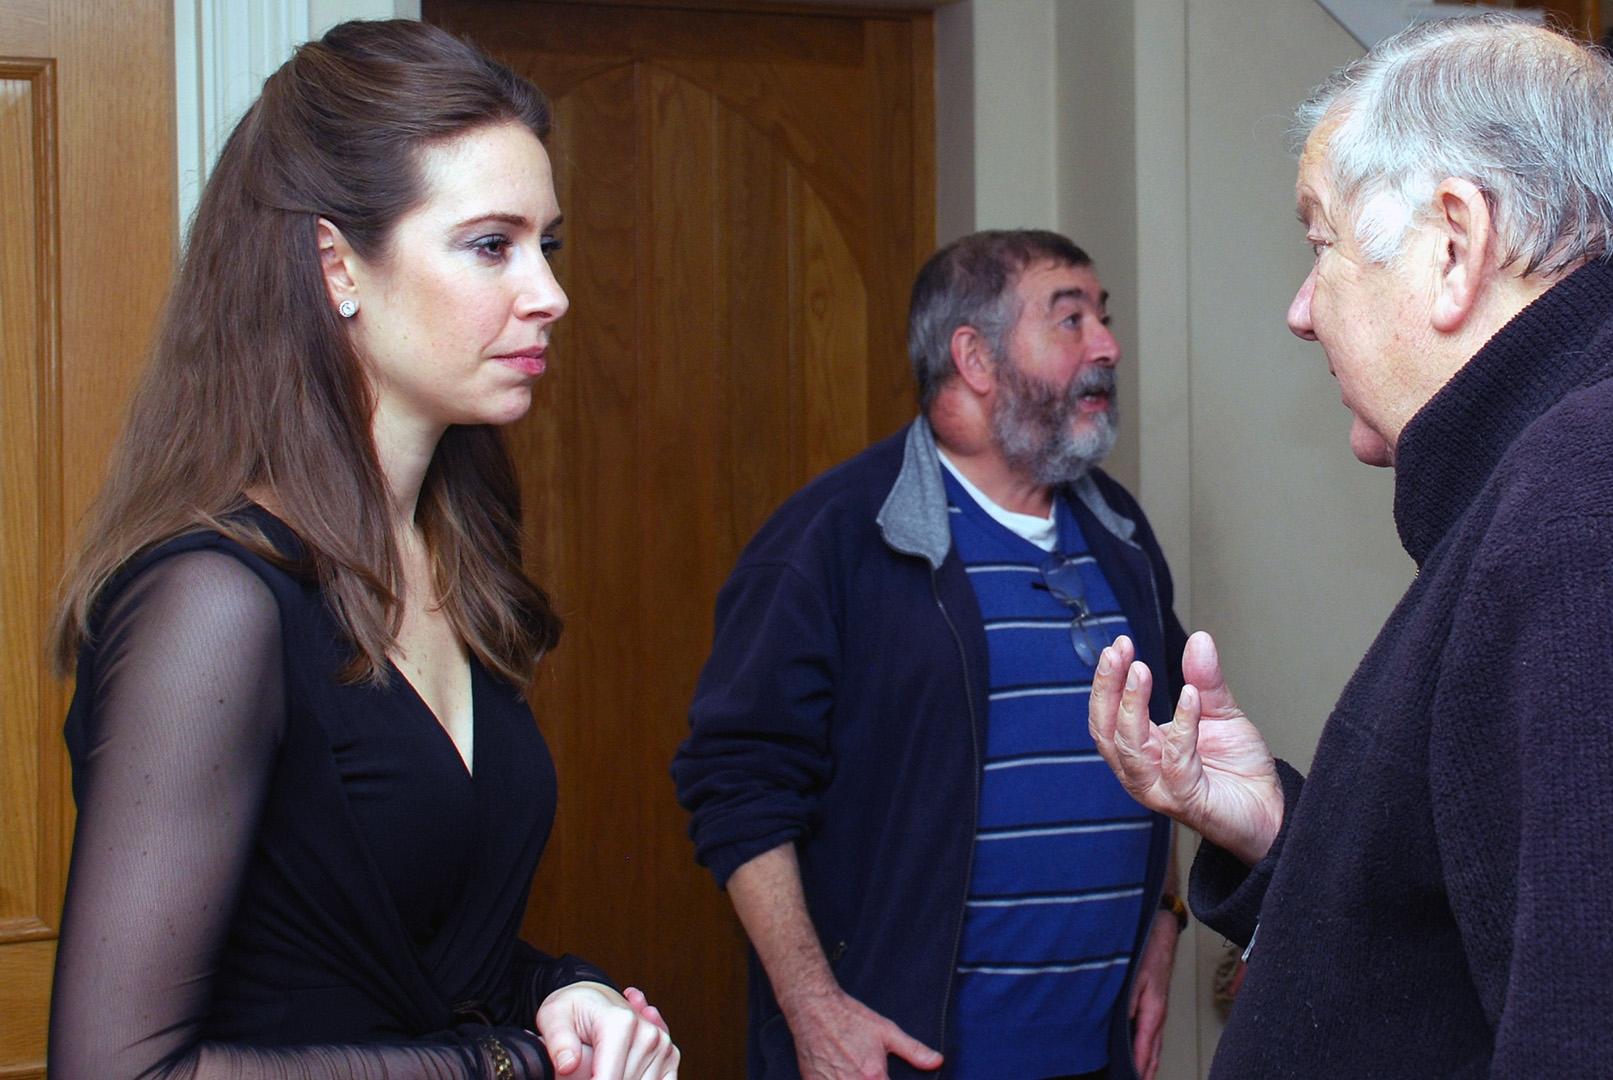 Amy Dickson & Martin Cousin at Breinton